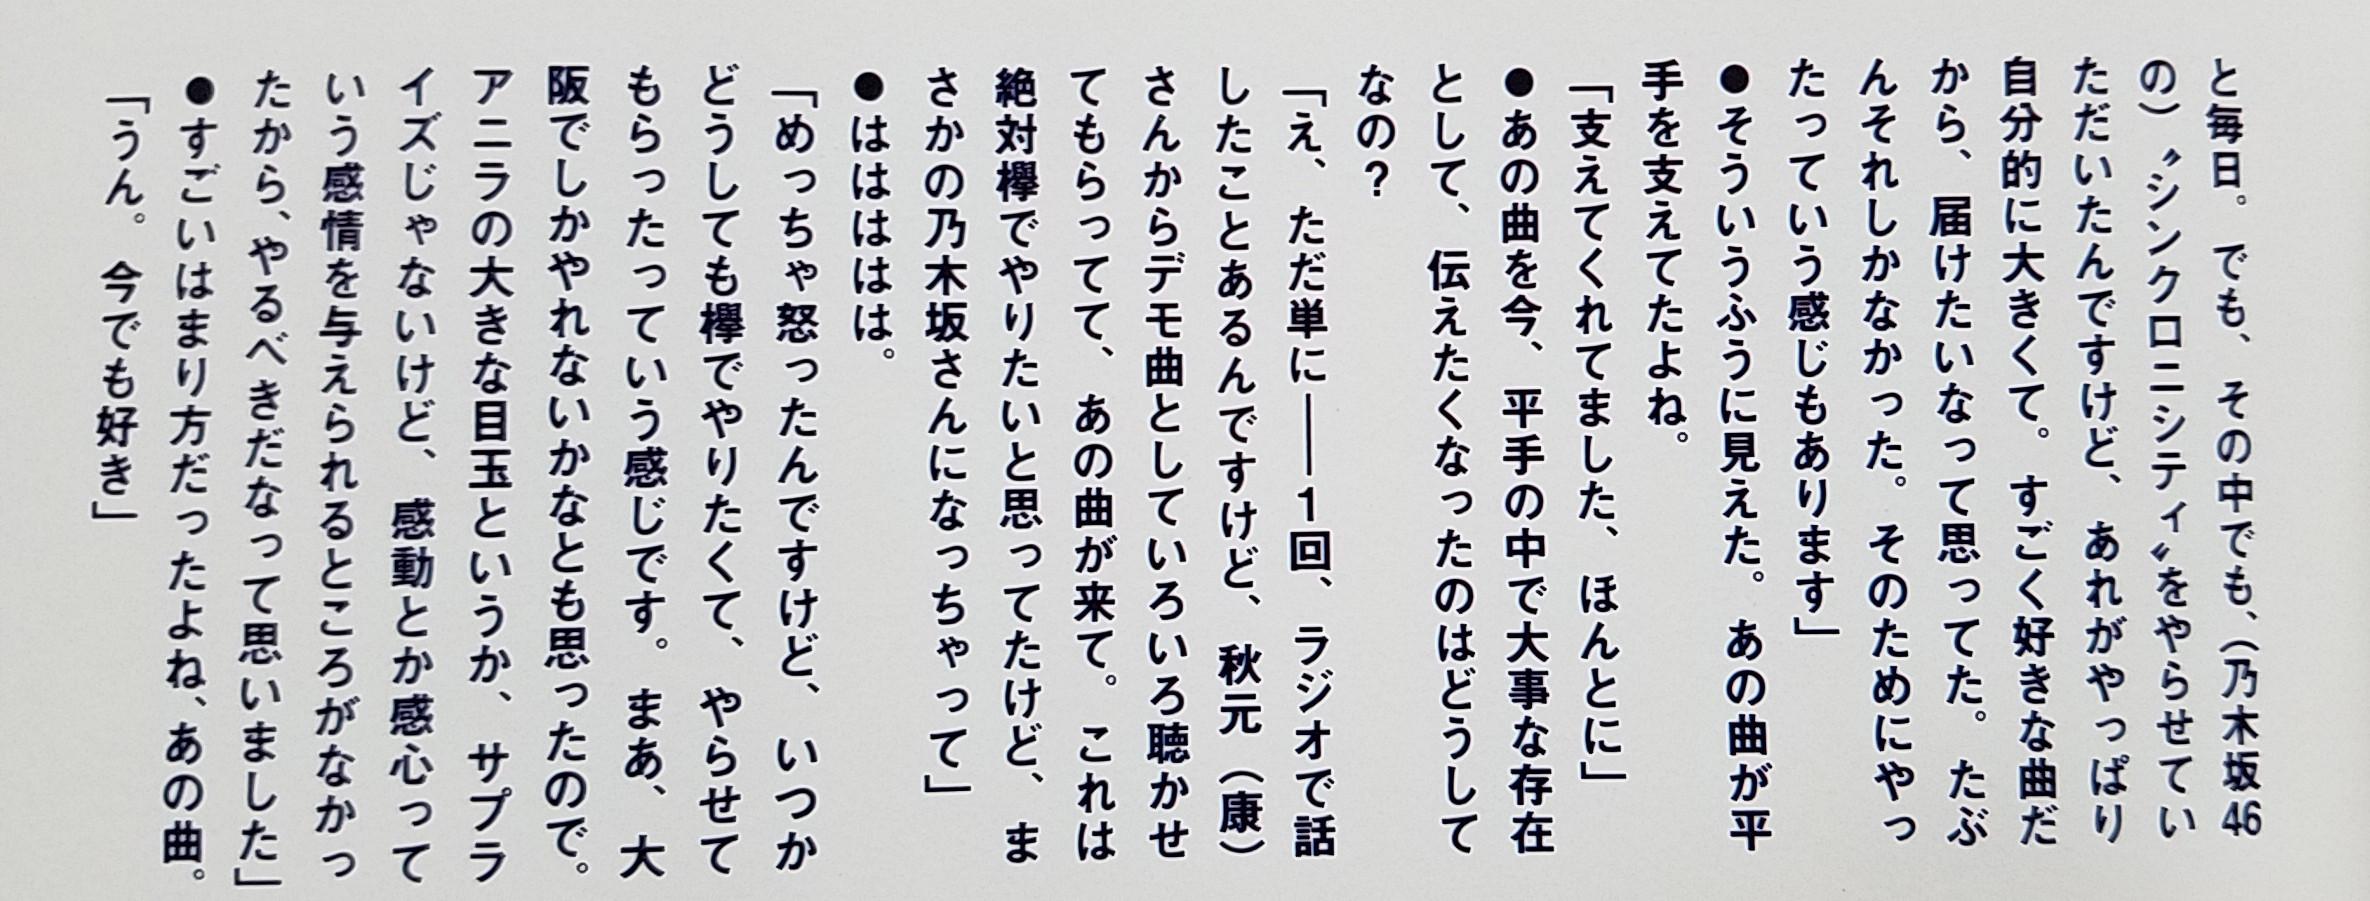 欅 坂 の オタク を やめる 話 長濱ねる - Wikipedia